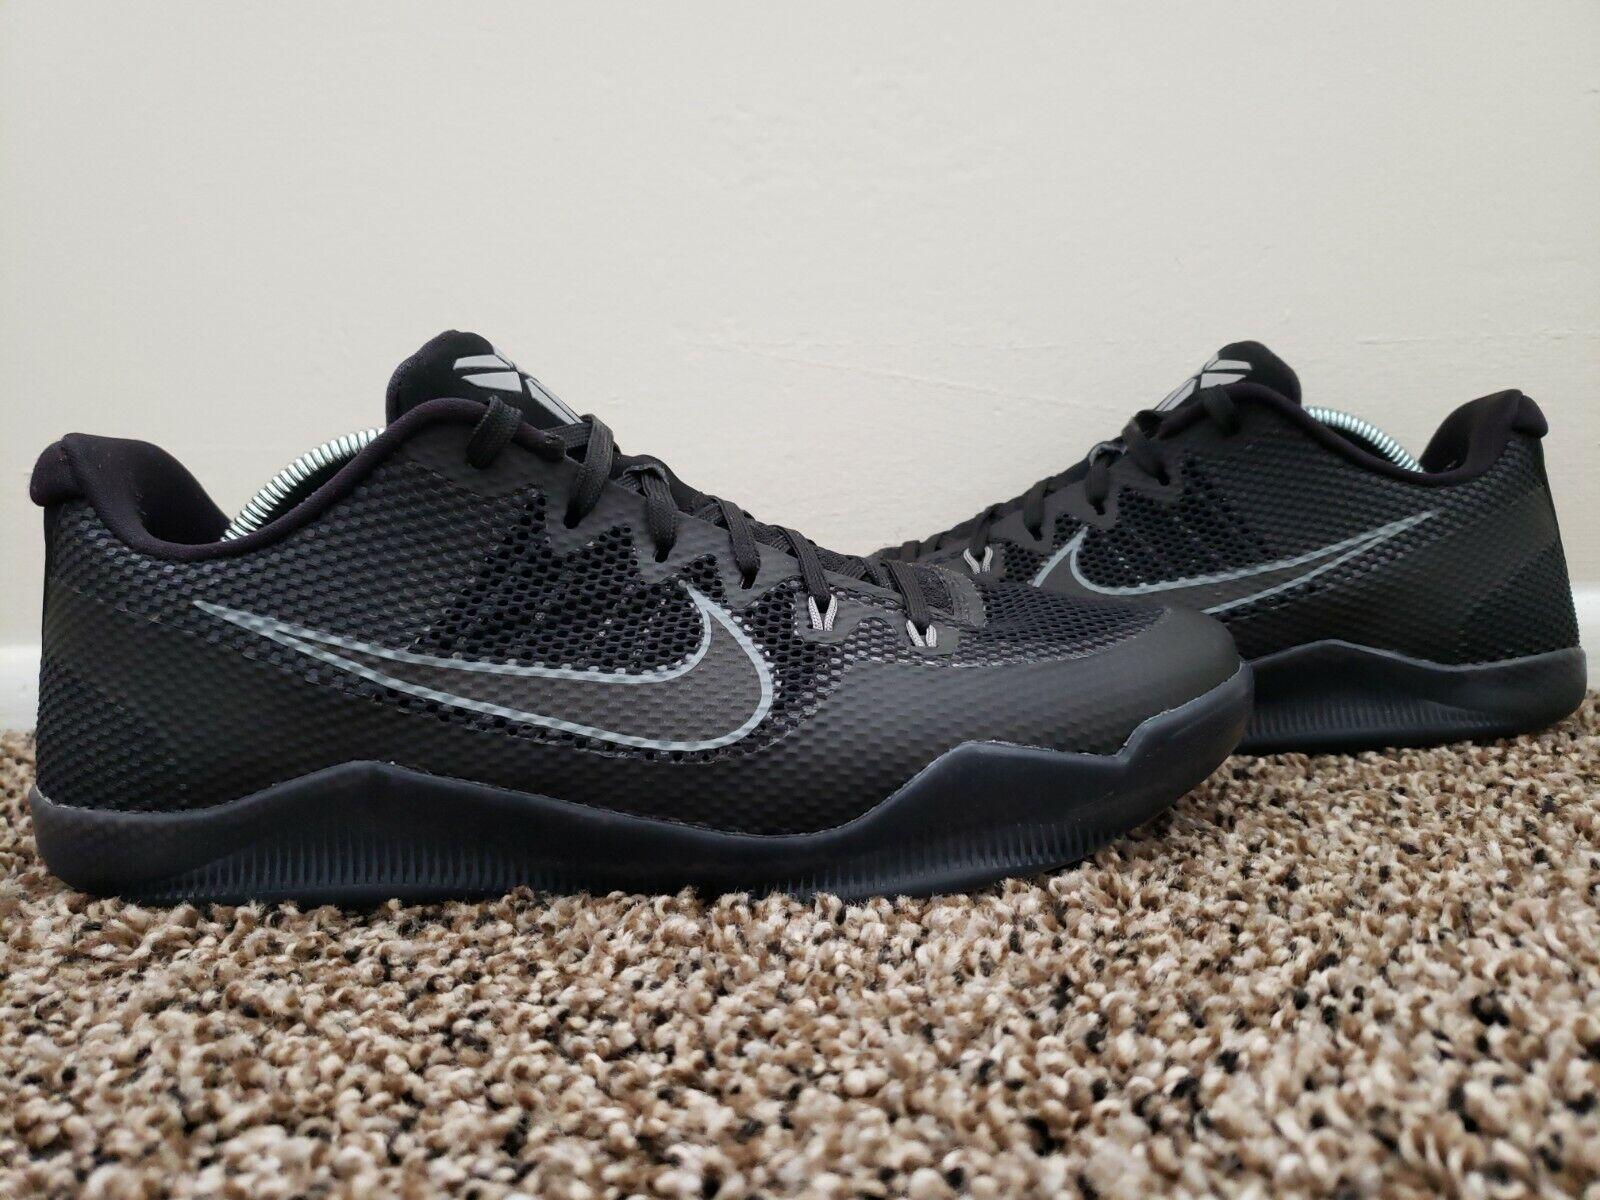 Nike Kobe 11 XI EM Low Dark Knight